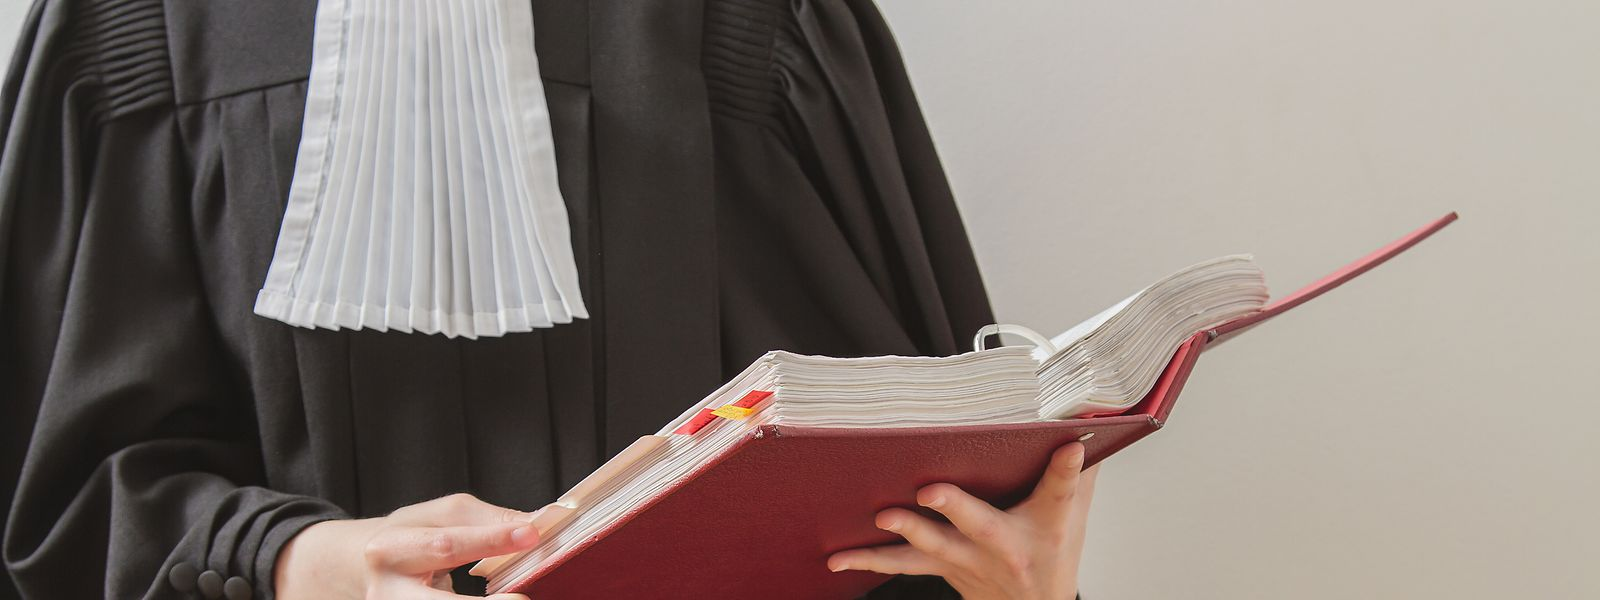 Pour les avocats, la transposition de la directive européenne dans le droit luxembourgeois apparaît comme «totalement disproportionnée»